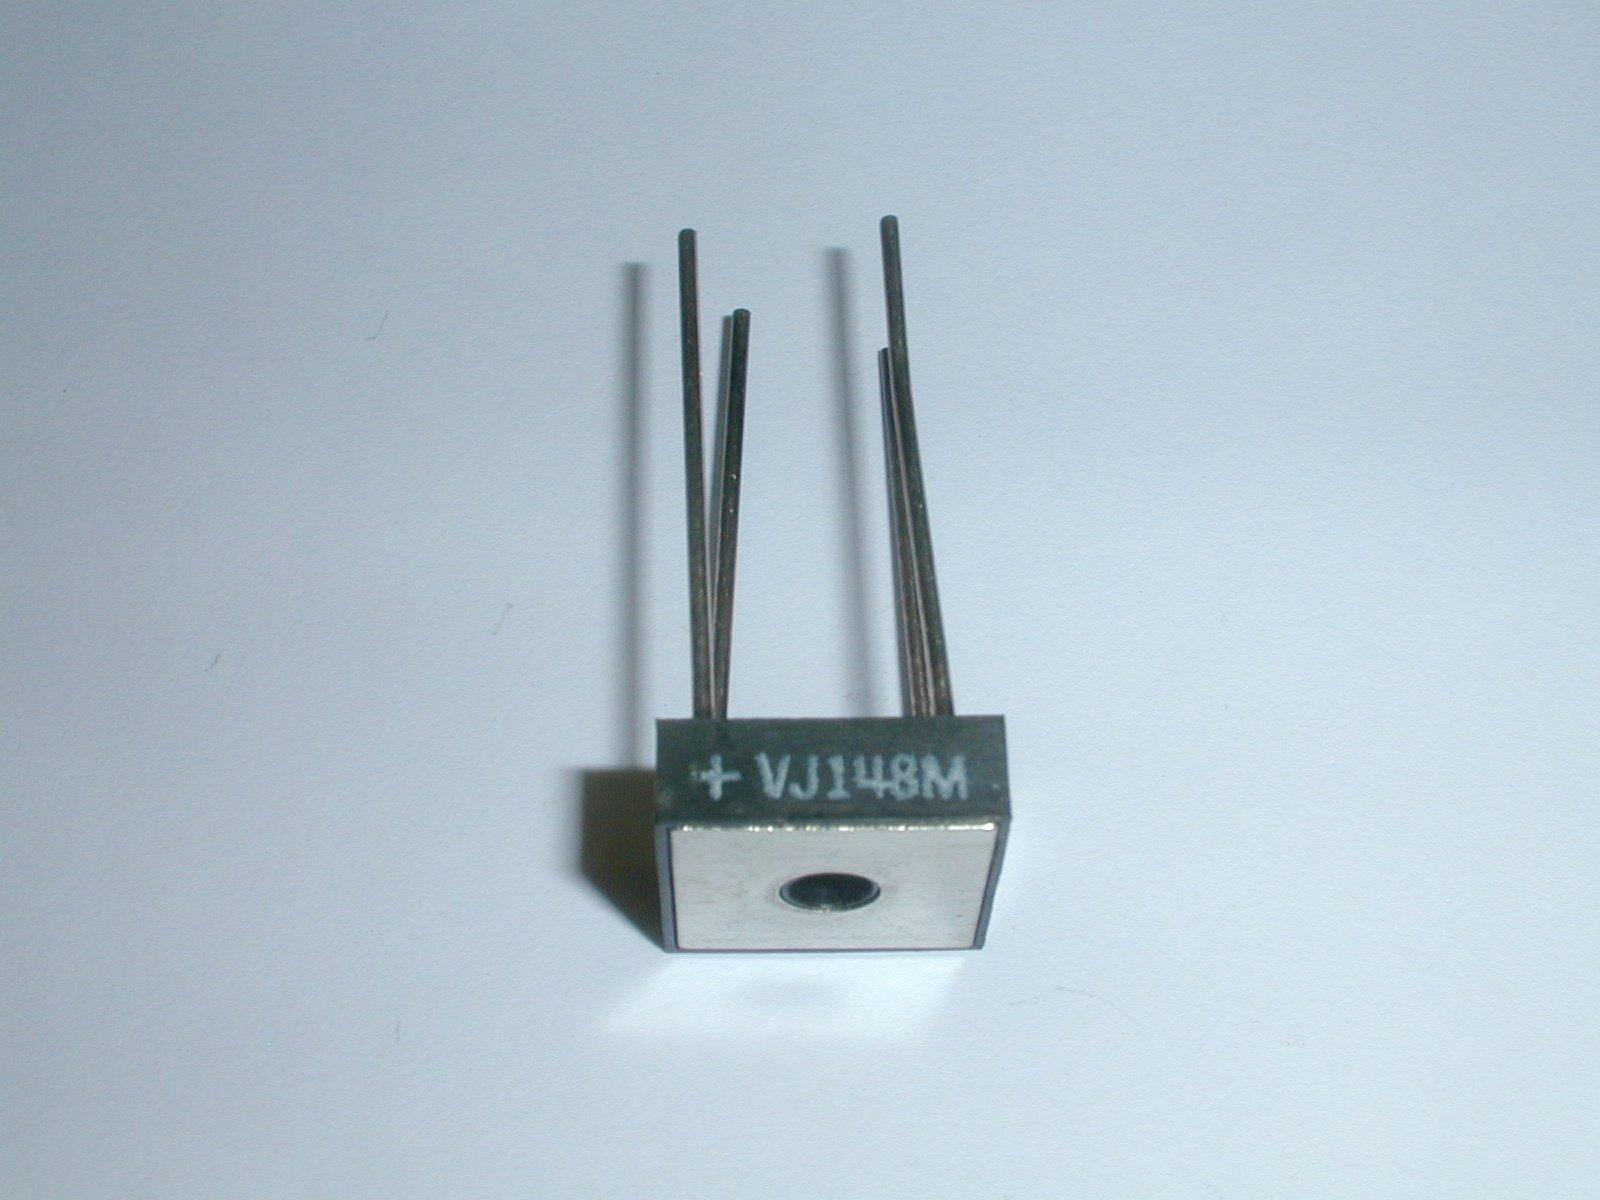 VJ148M Bridge Rectifier 100V 10A (1 piece)